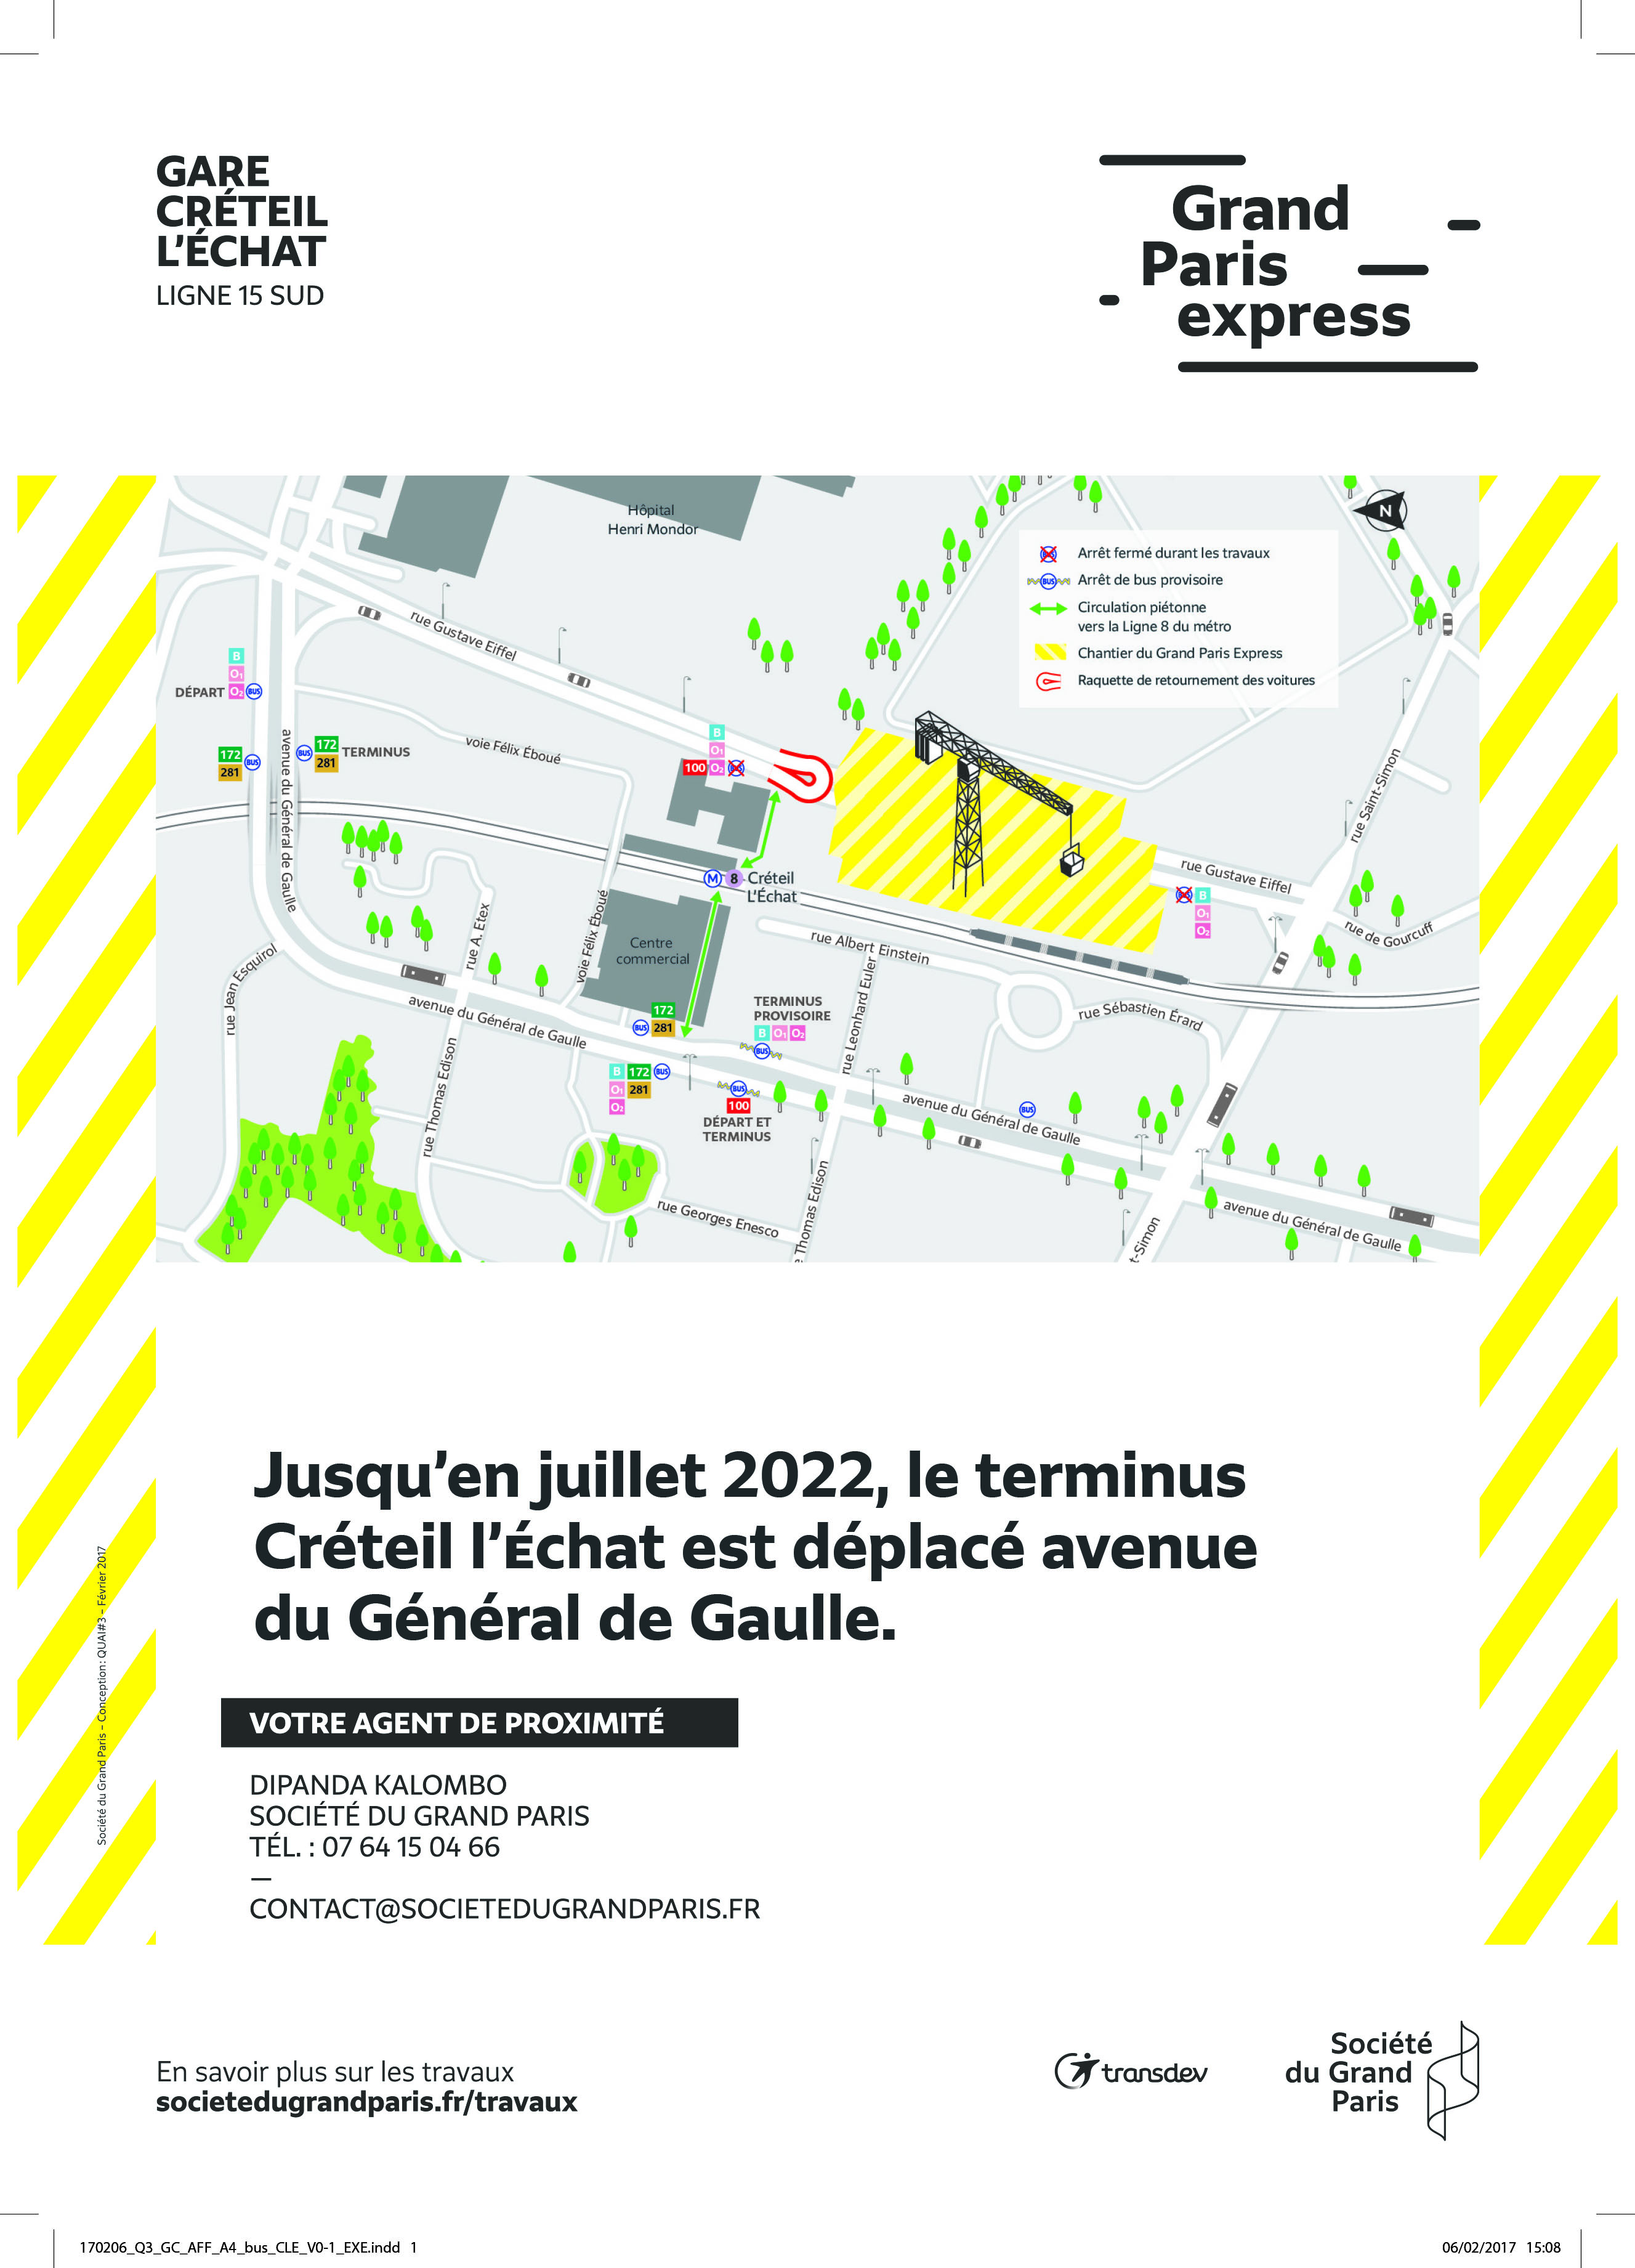 CRETEIL - Travaux Grand Paris à l'Echat